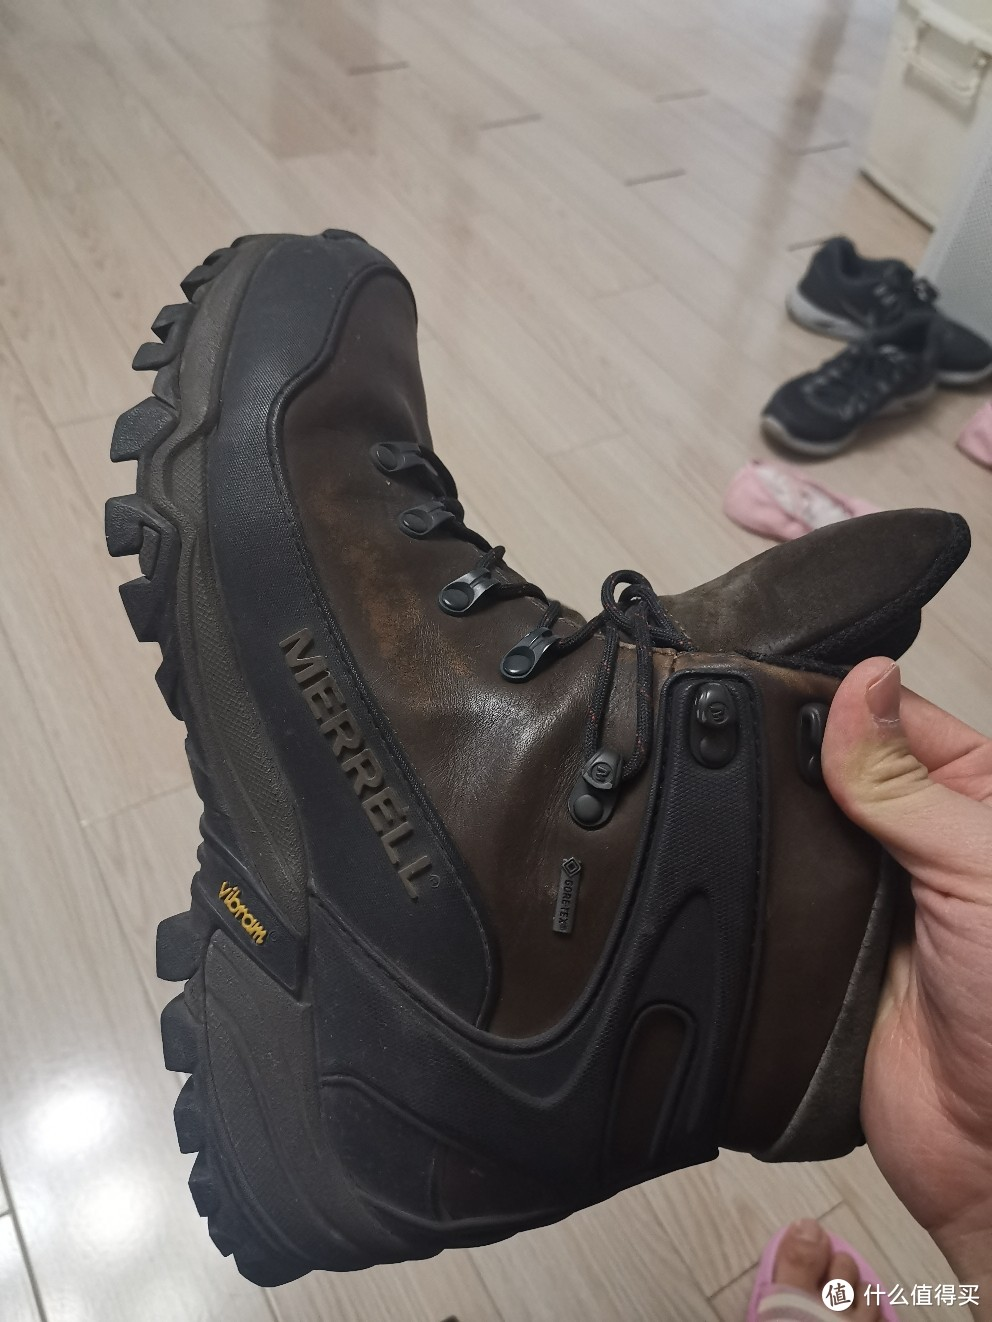 迈乐不知名登山鞋